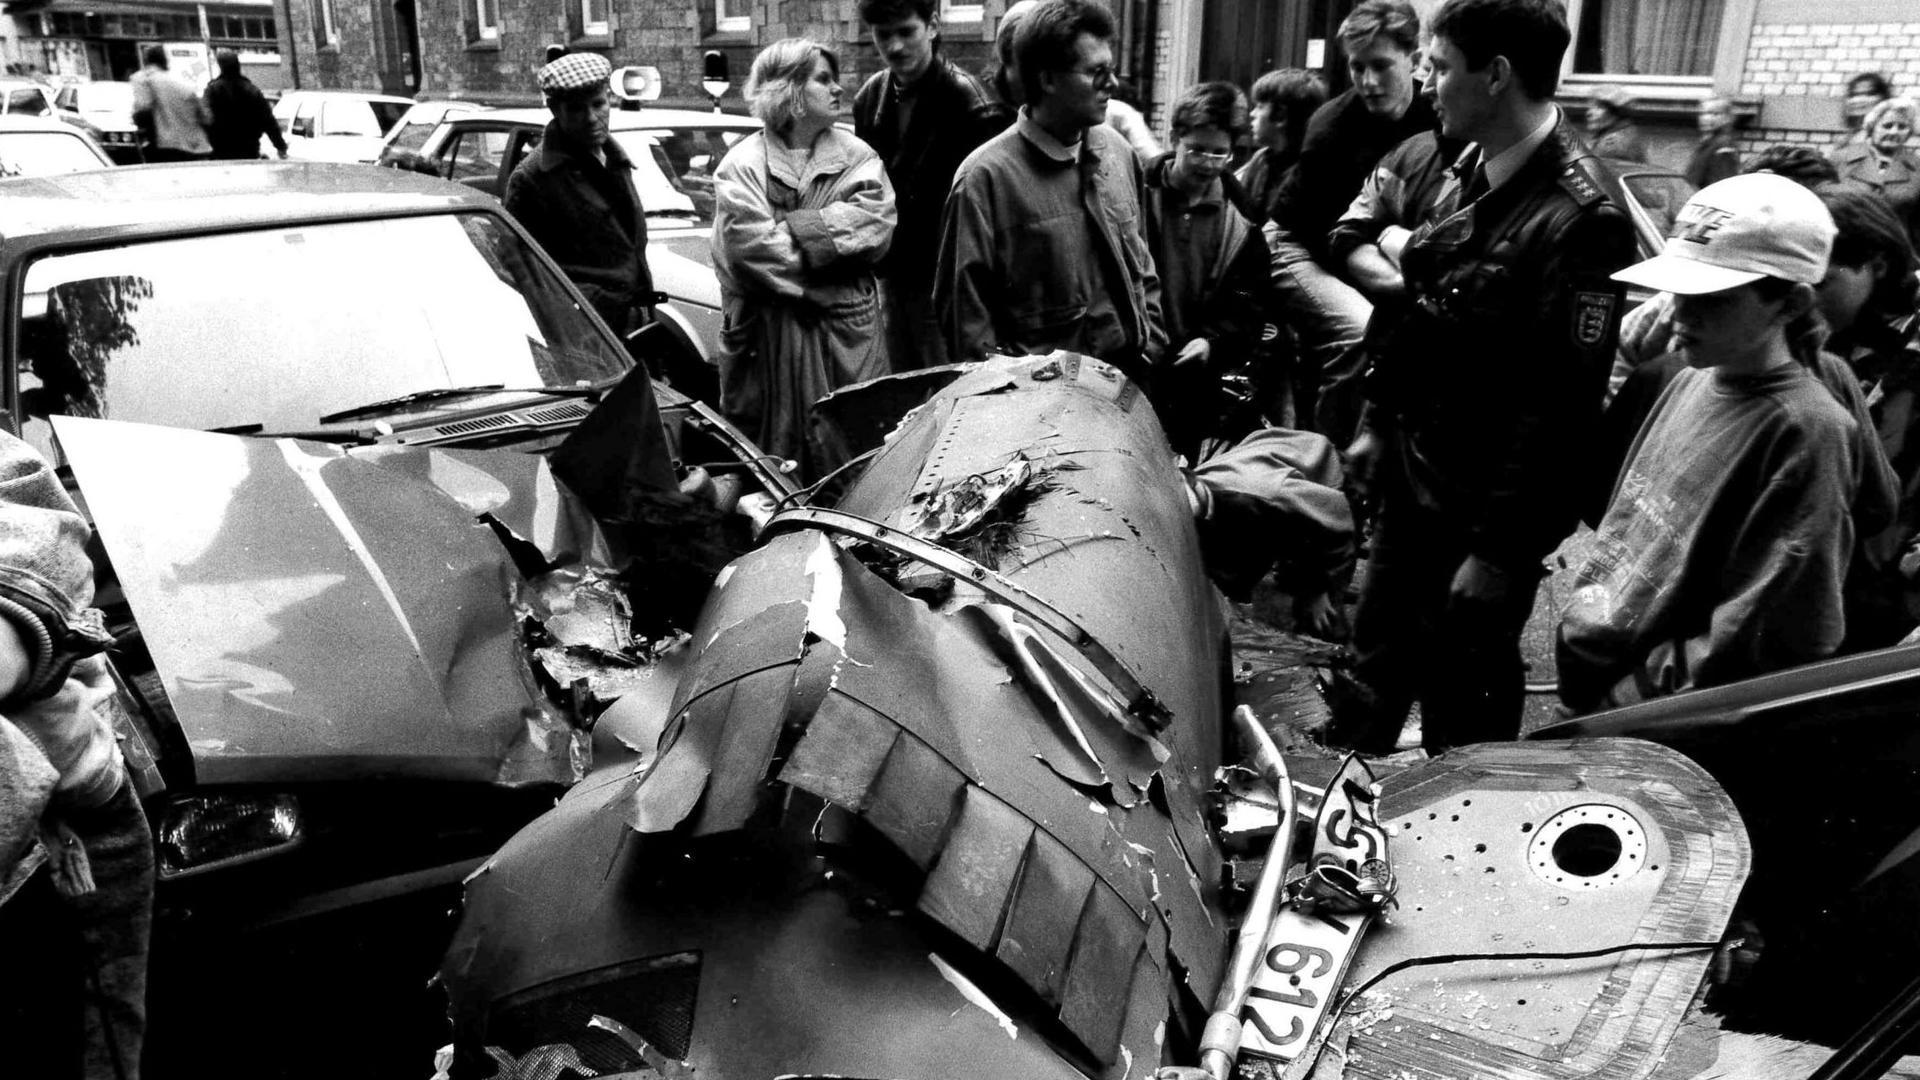 Mehr als 100 Autos werden am 17. April 1990 in Karlsruhe durch herabfallende Trümmerteile beschädigt, nachdem zwei kanadische Kampfjets zusammenstoßen.